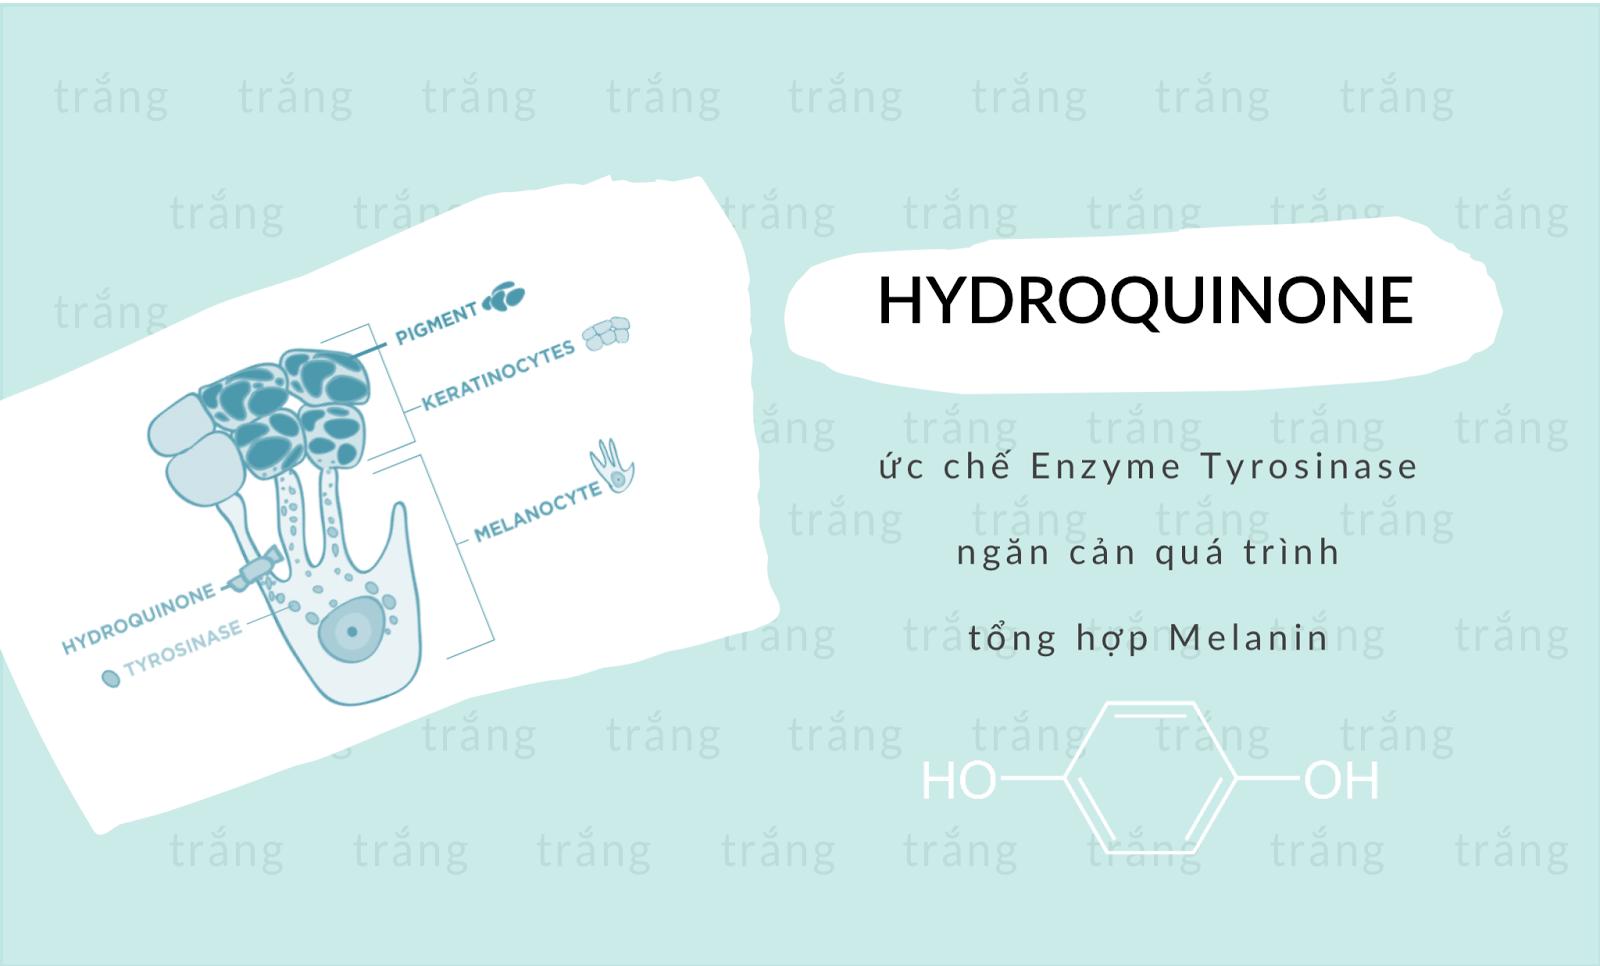 hydroquinone ngăn cản hình thành melamin